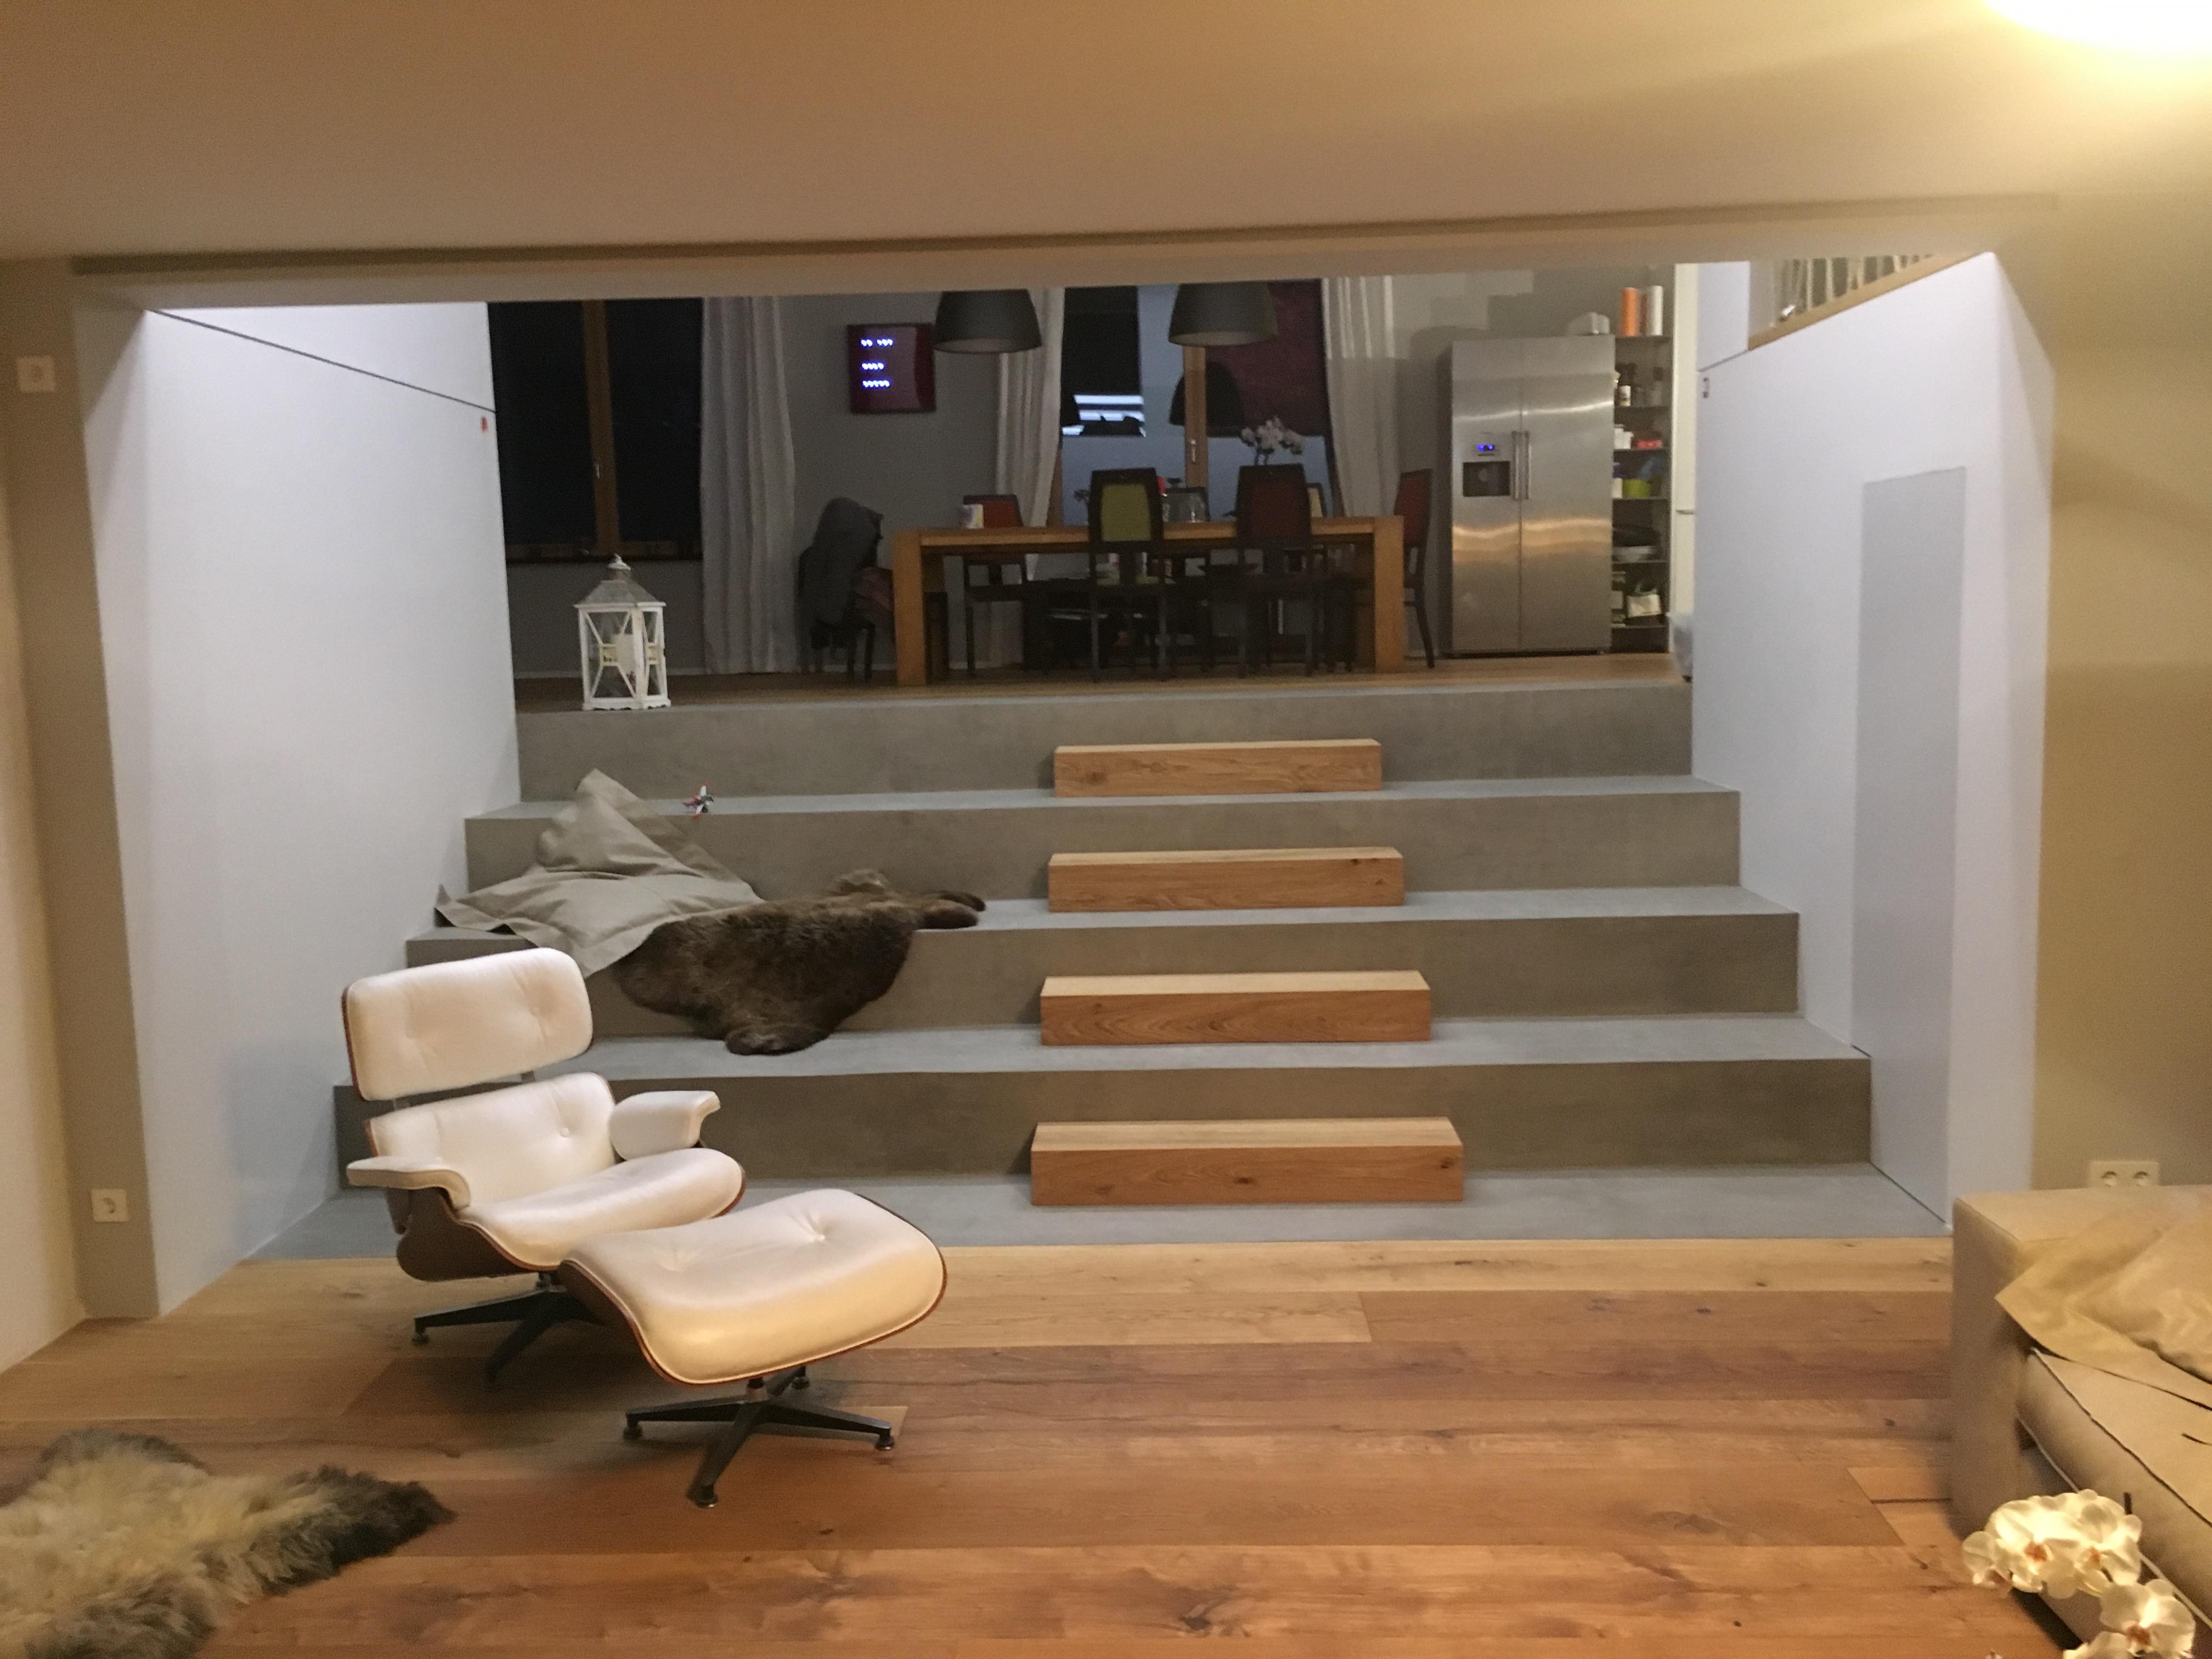 Fußboden Im Betonlook ~ Besserbauen betonunique beton cire blog oberflächen und